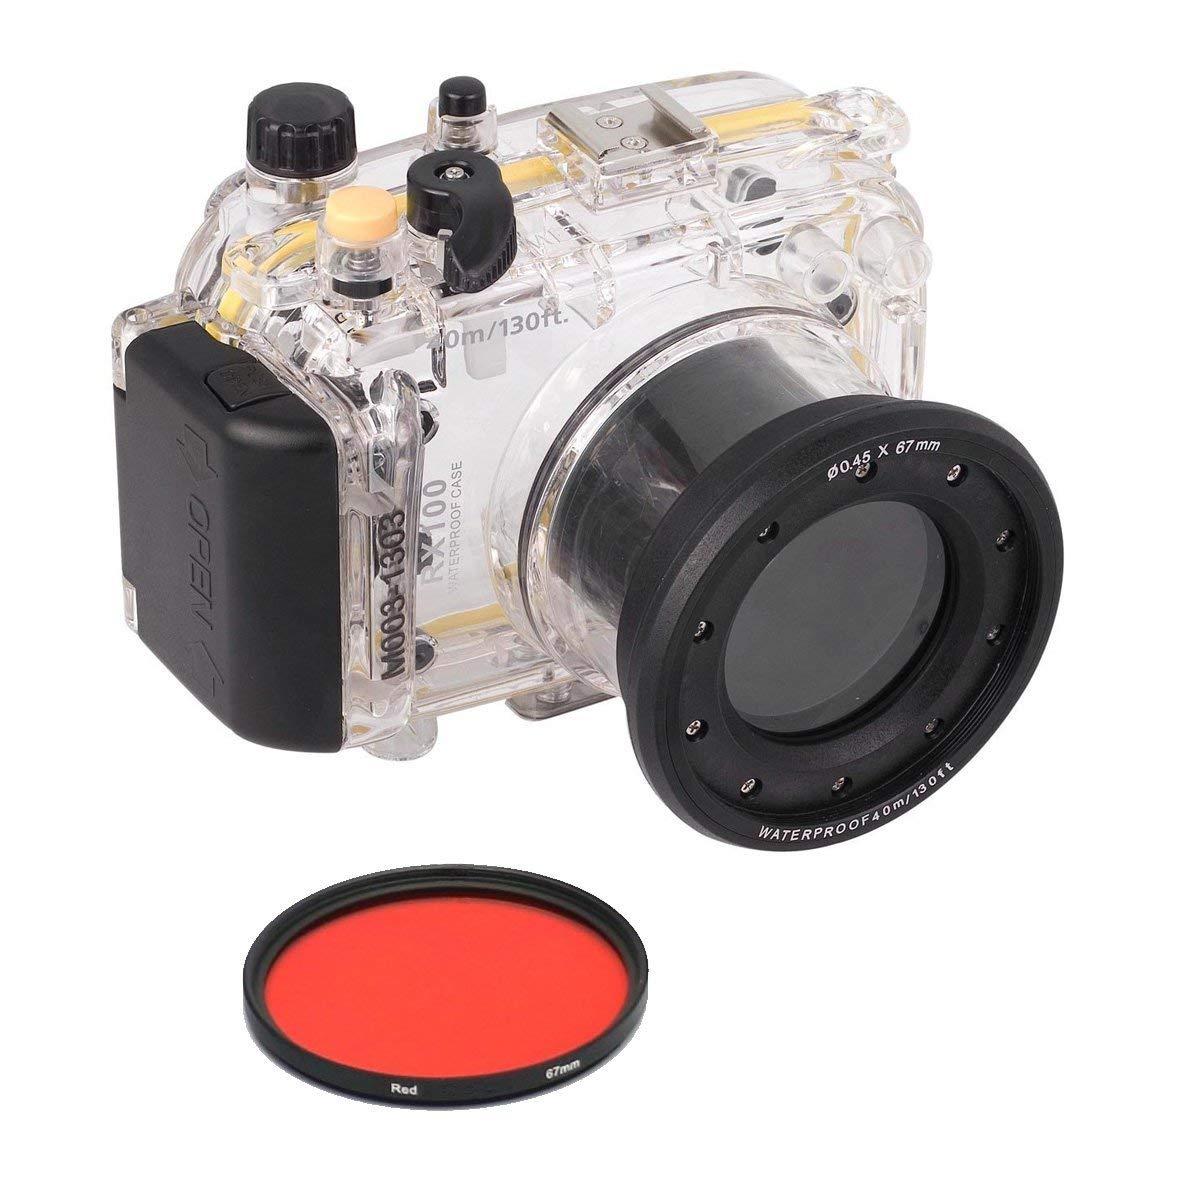 Meikon 40 m / 130ft防水水中ハウジングケースカバーバッグfor Sony DSC - rx100 with 67 mmレッドフィルタ   B00XLDEMGQ